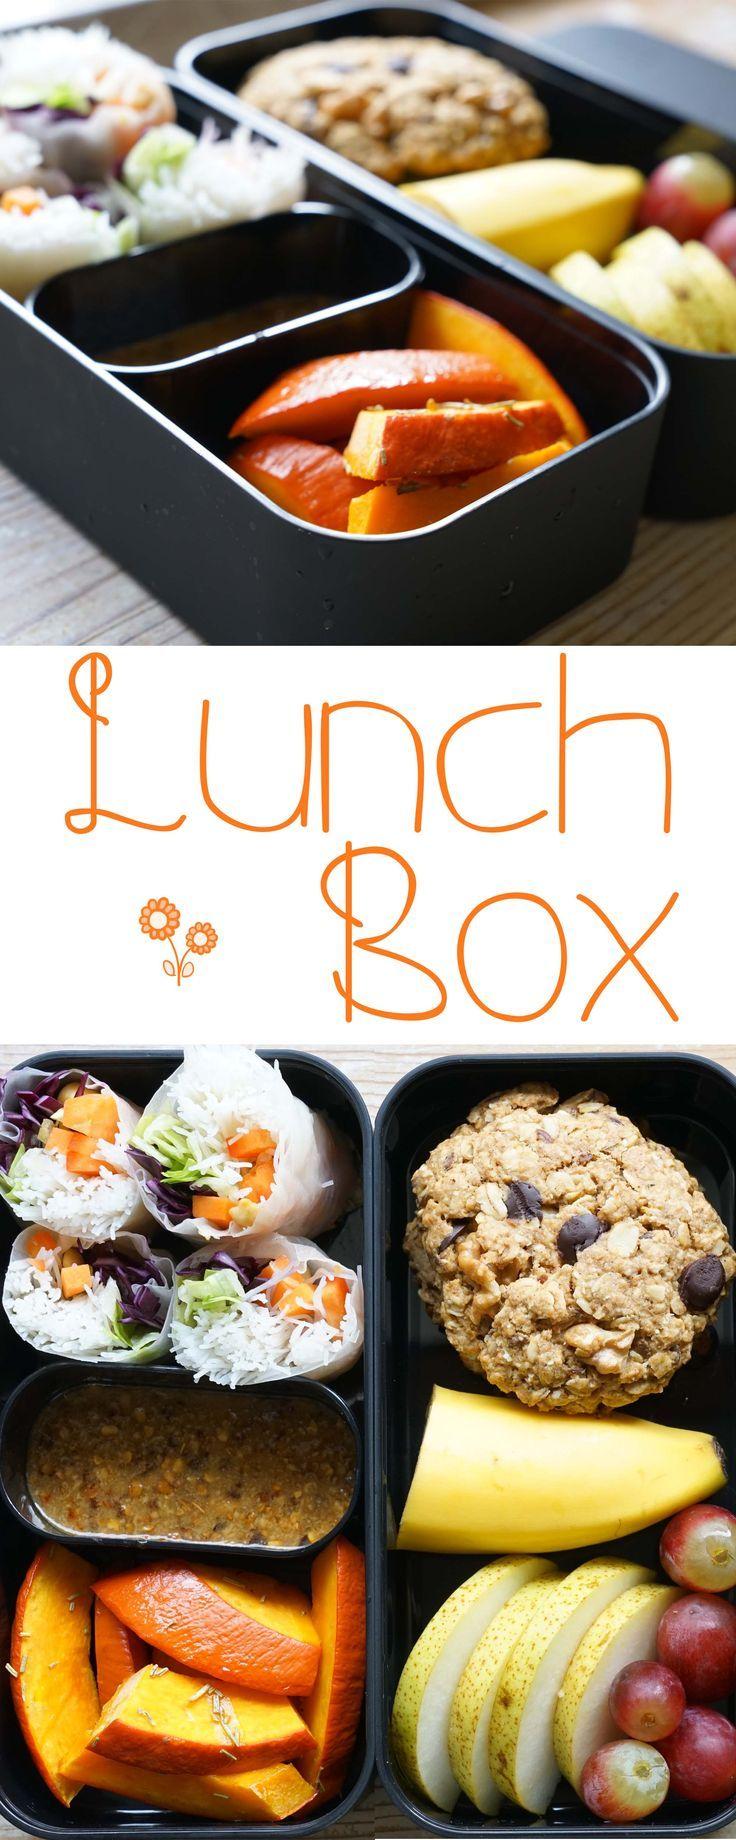 bento box zum mitnehmen gesundes mittagessen f r uni schule und arbeit kinder lunchbox. Black Bedroom Furniture Sets. Home Design Ideas